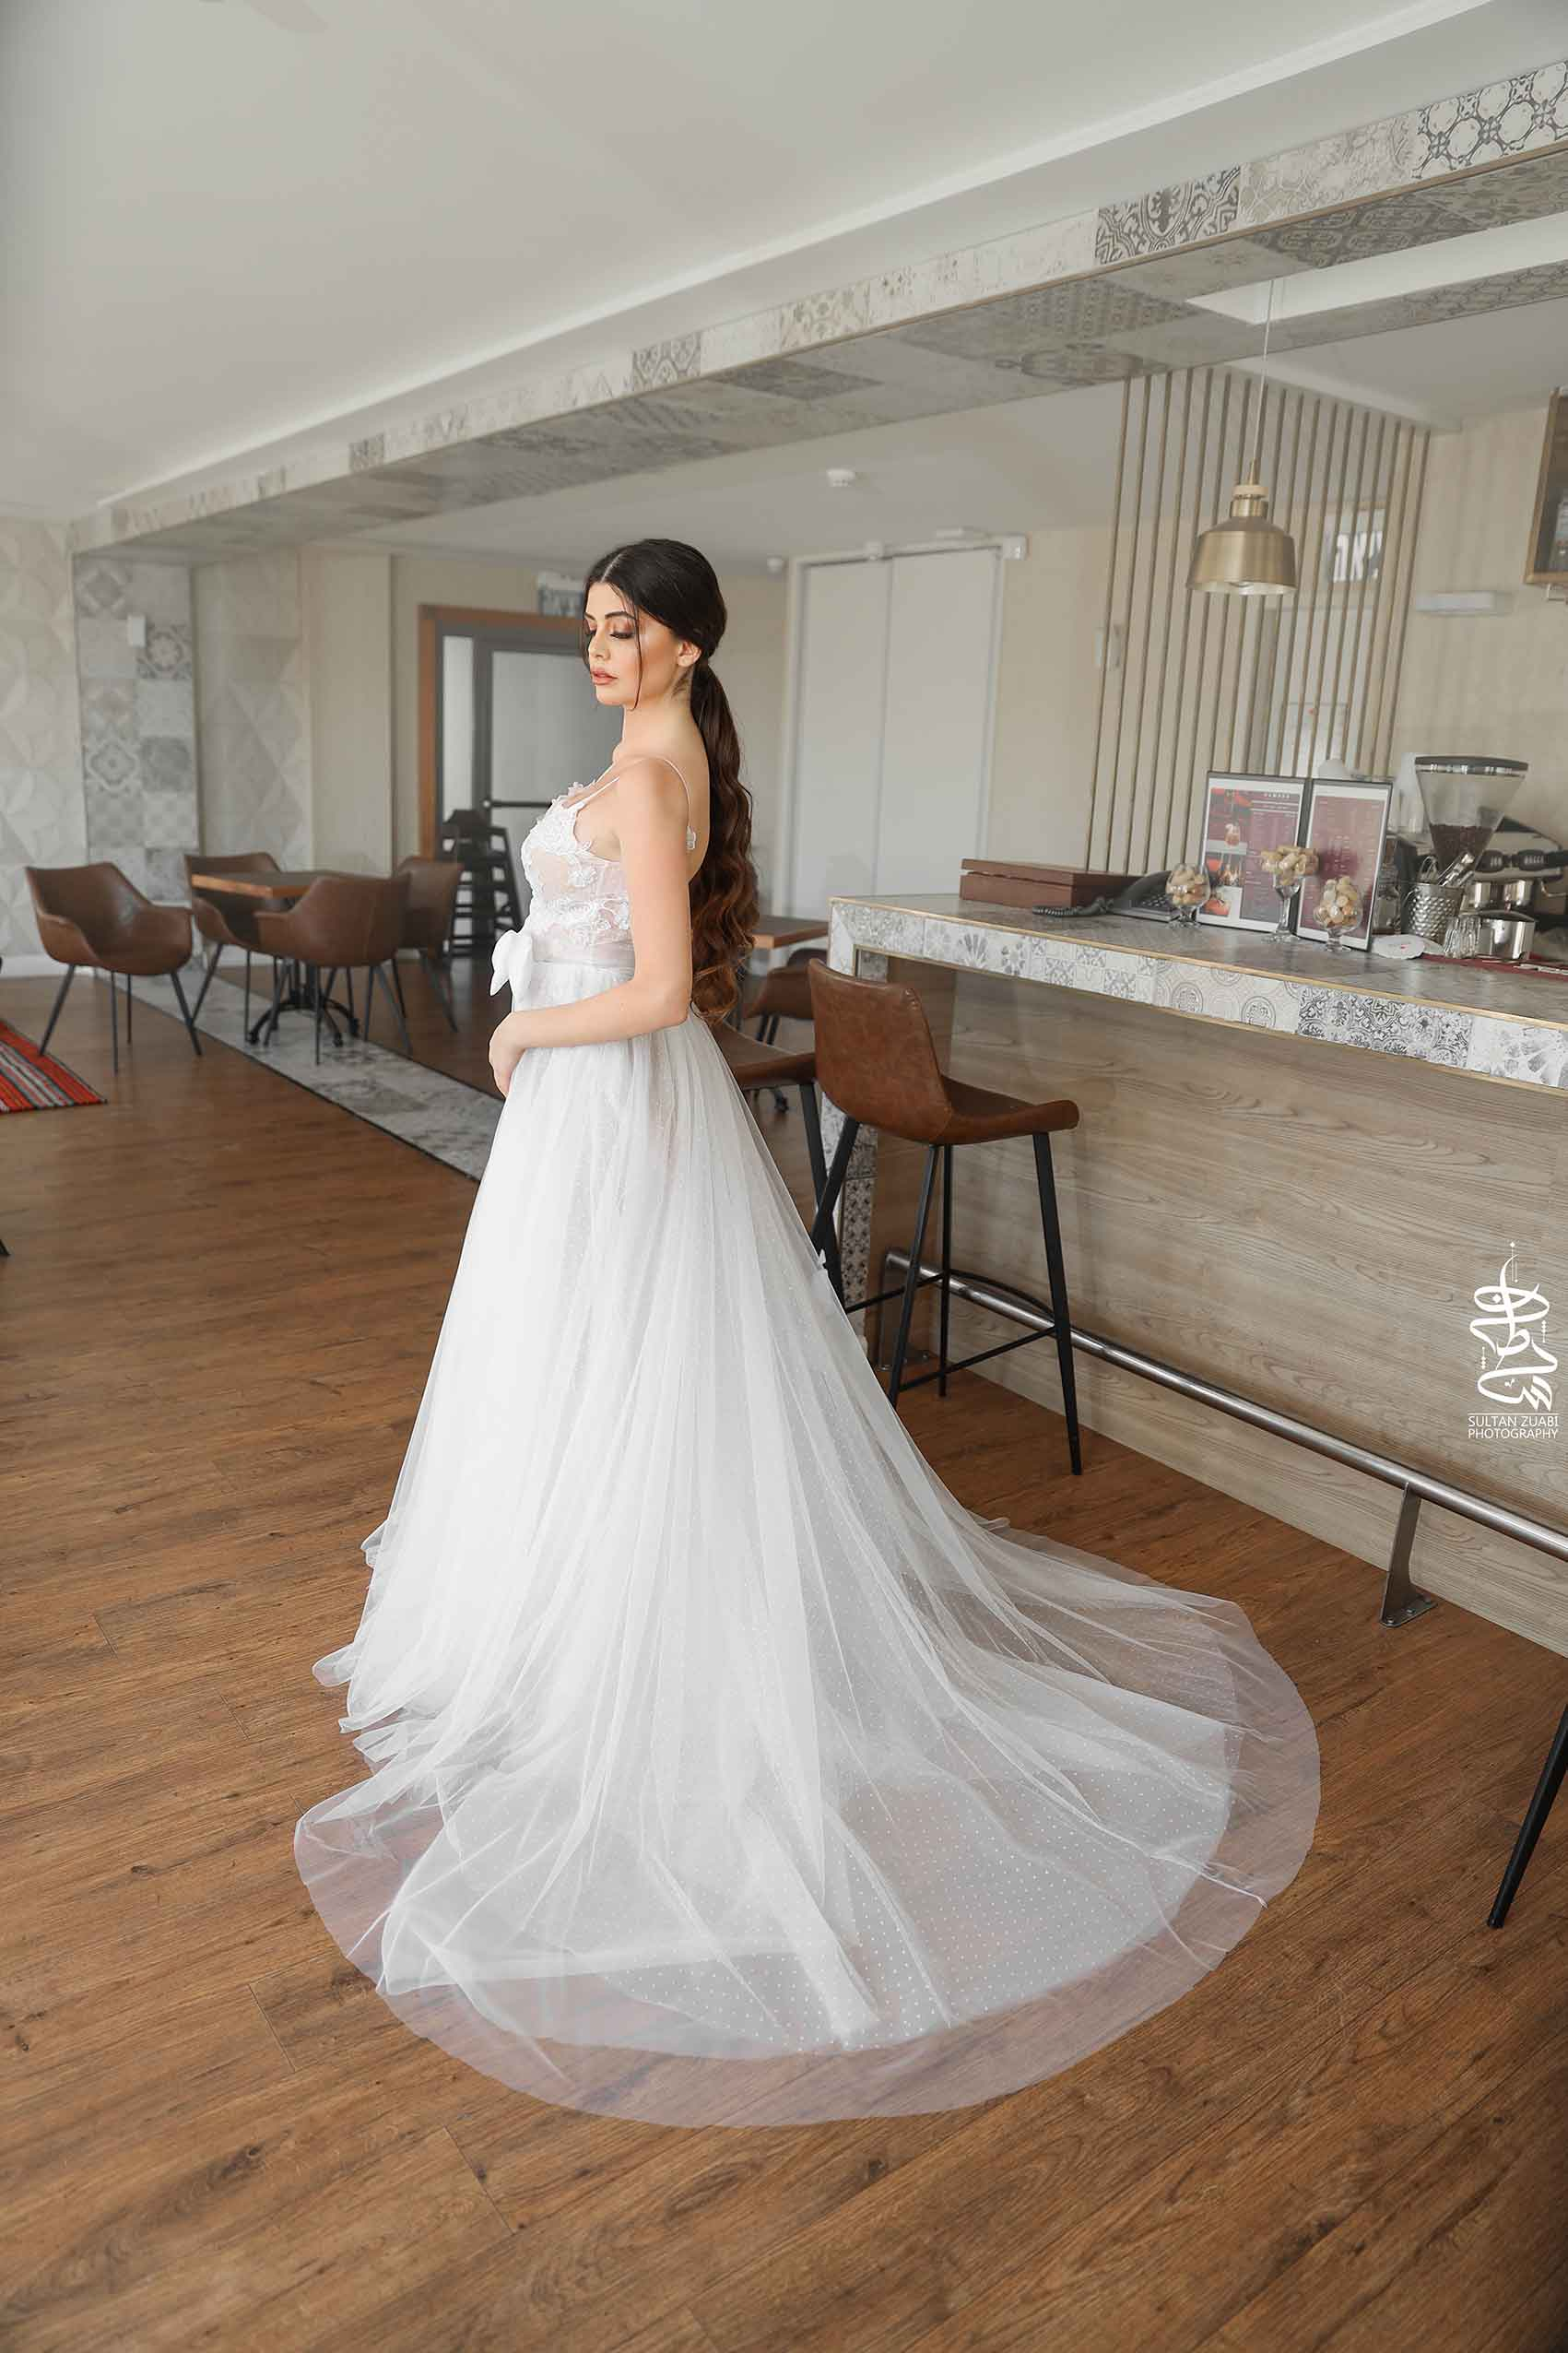 חנאן-אחמד-קולקציית-שמלות-כלה-קיץ-2020-מגזין-אופנה-168